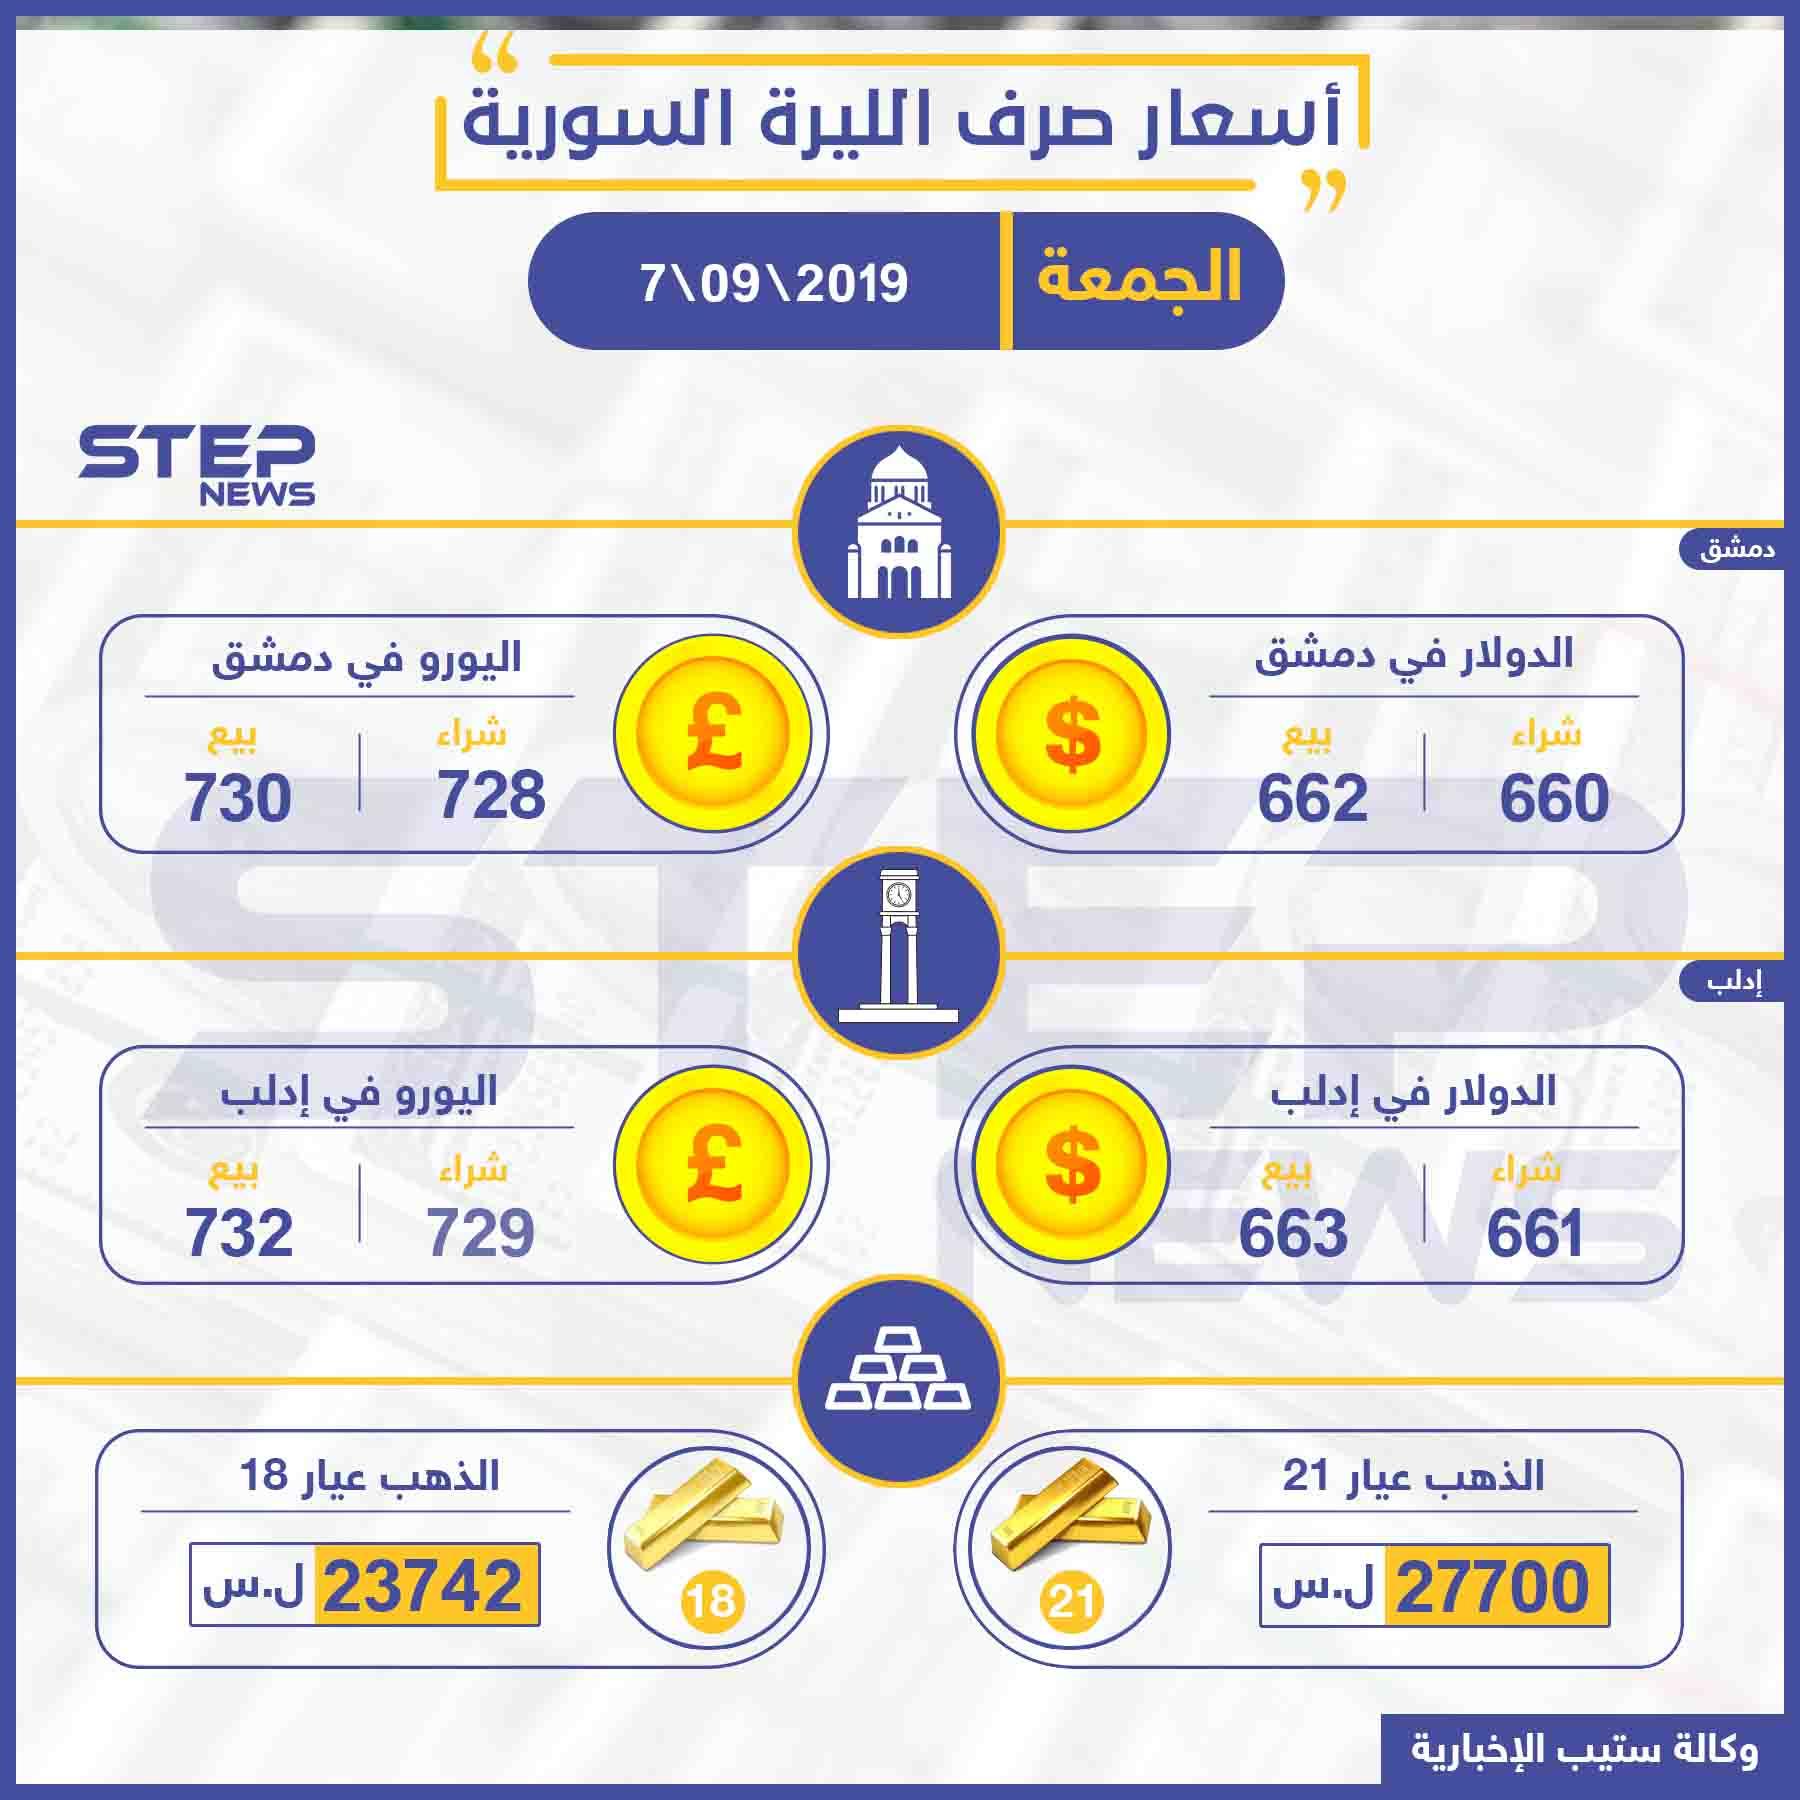 أسعار الذهب والعملات في سوريا اليوم 7-09-2019